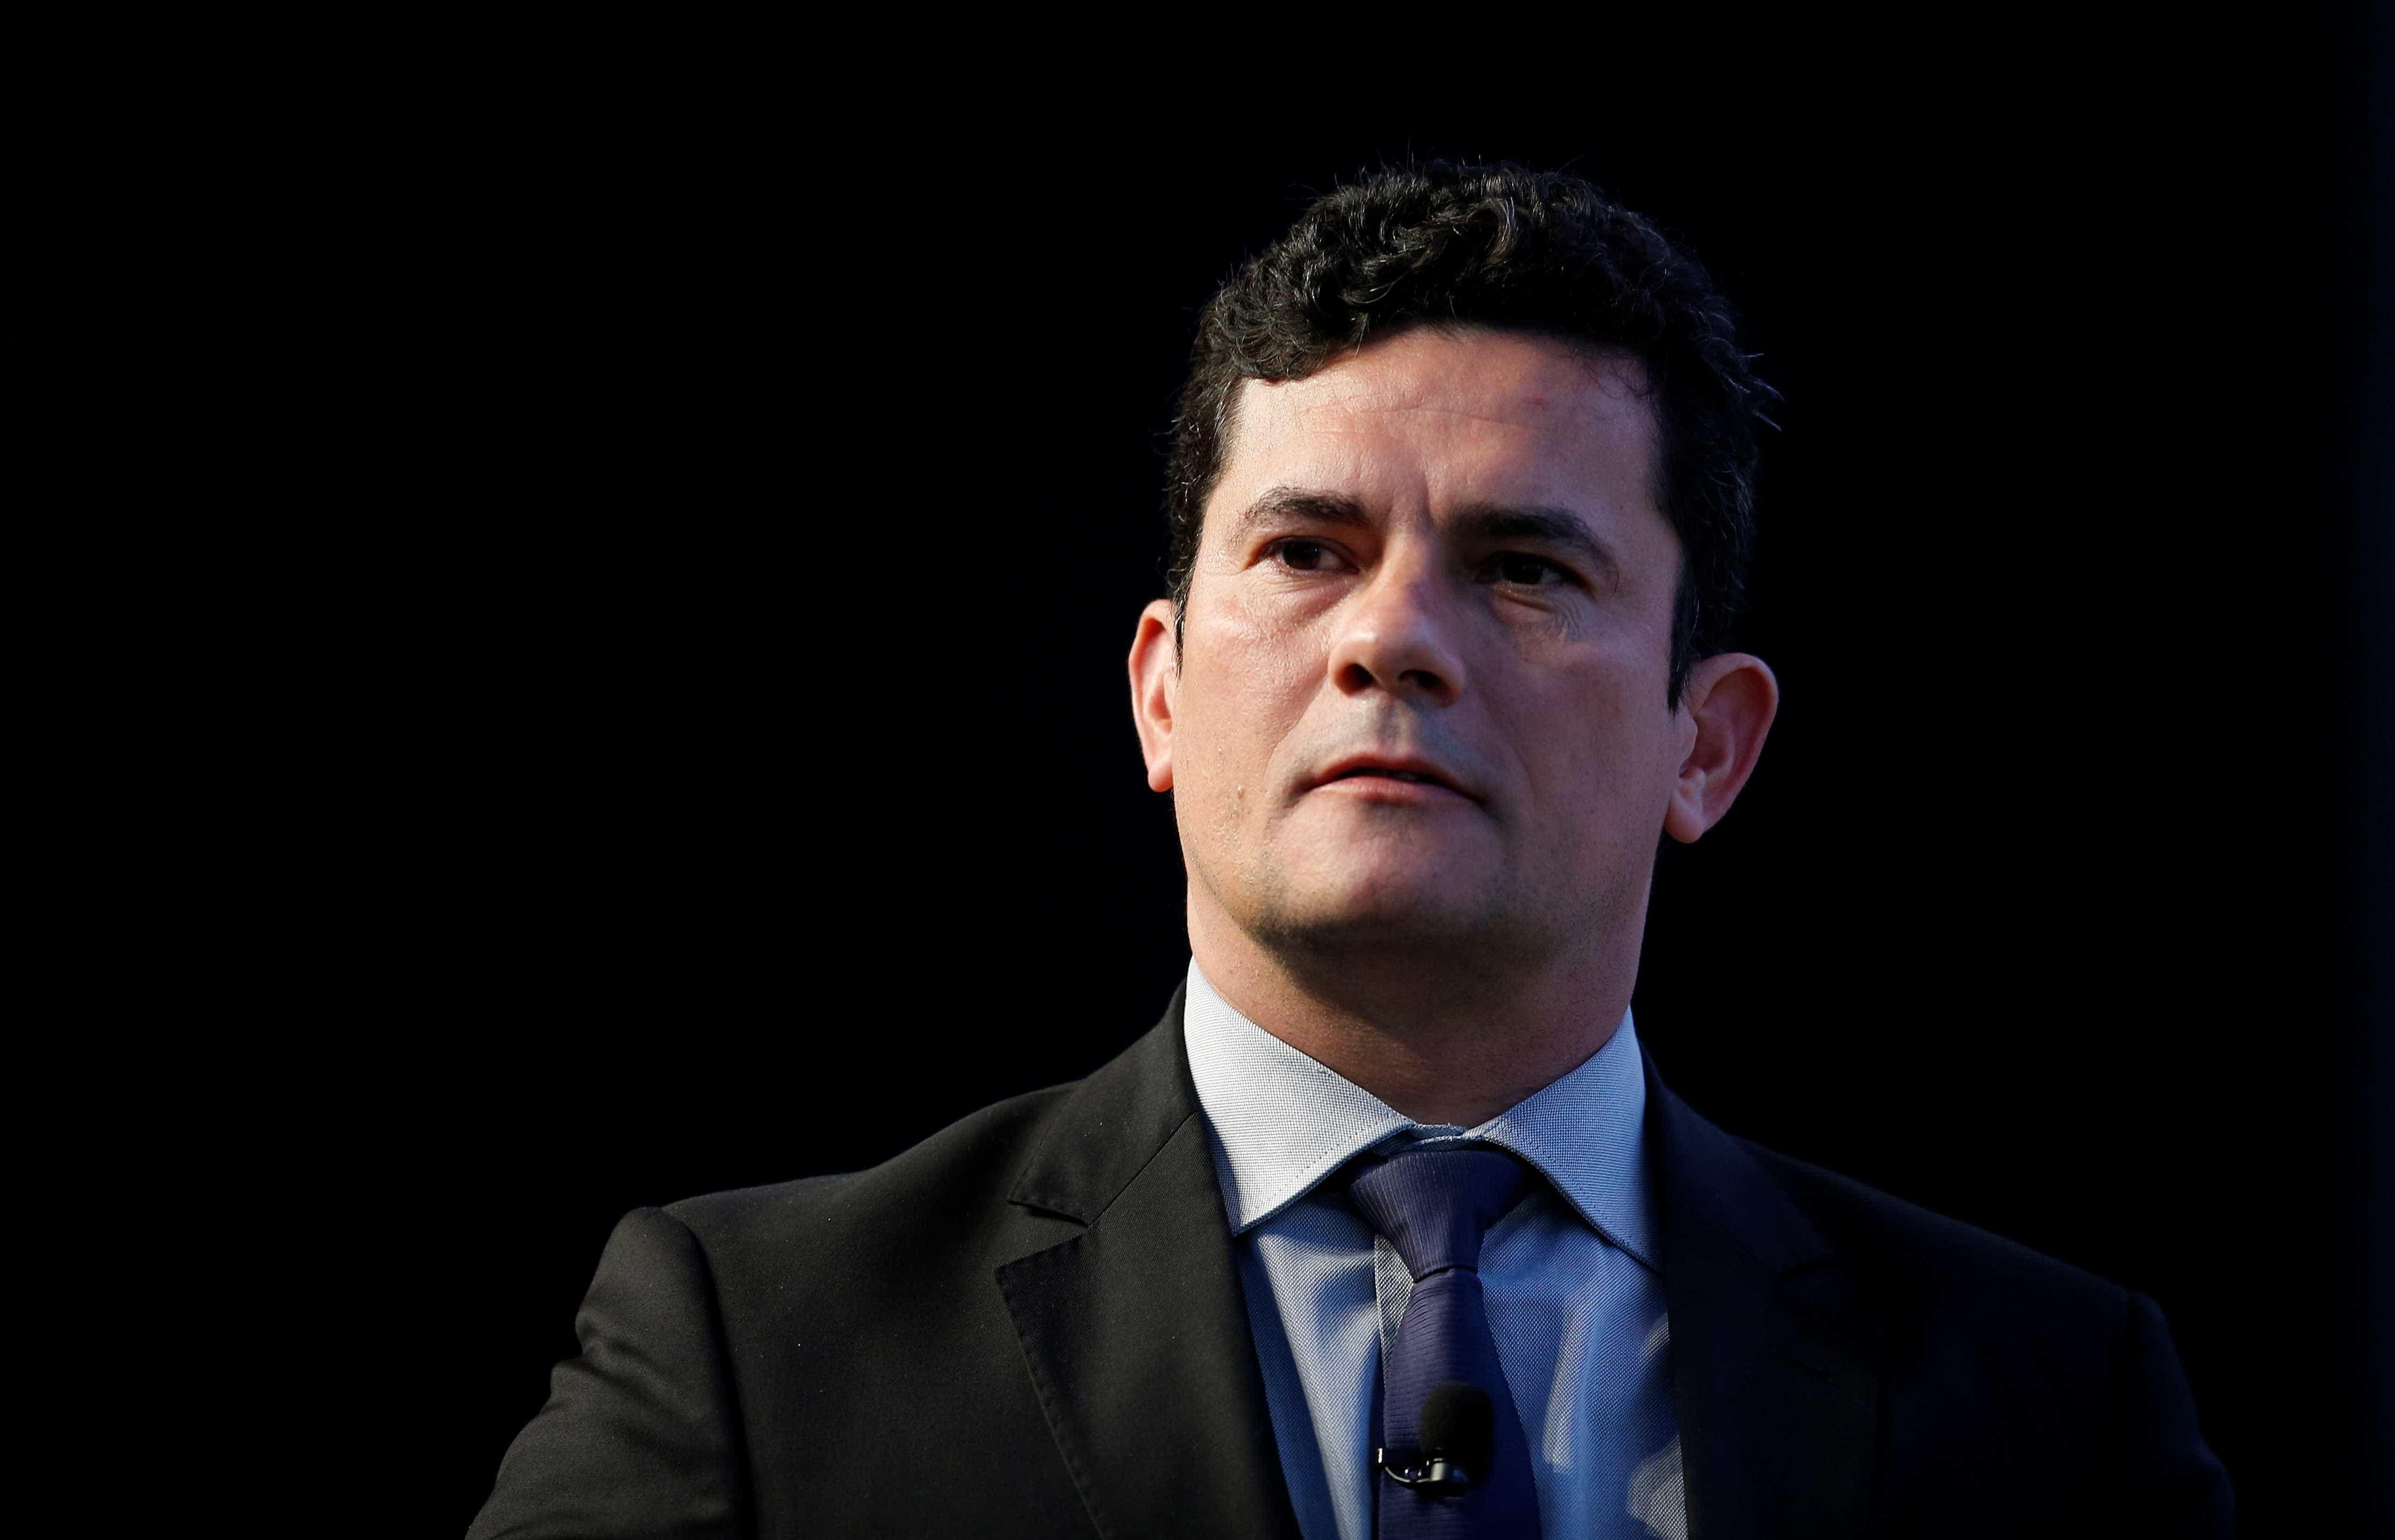 Moro confirma Maurício Valeixo como novo diretor-geral da PF